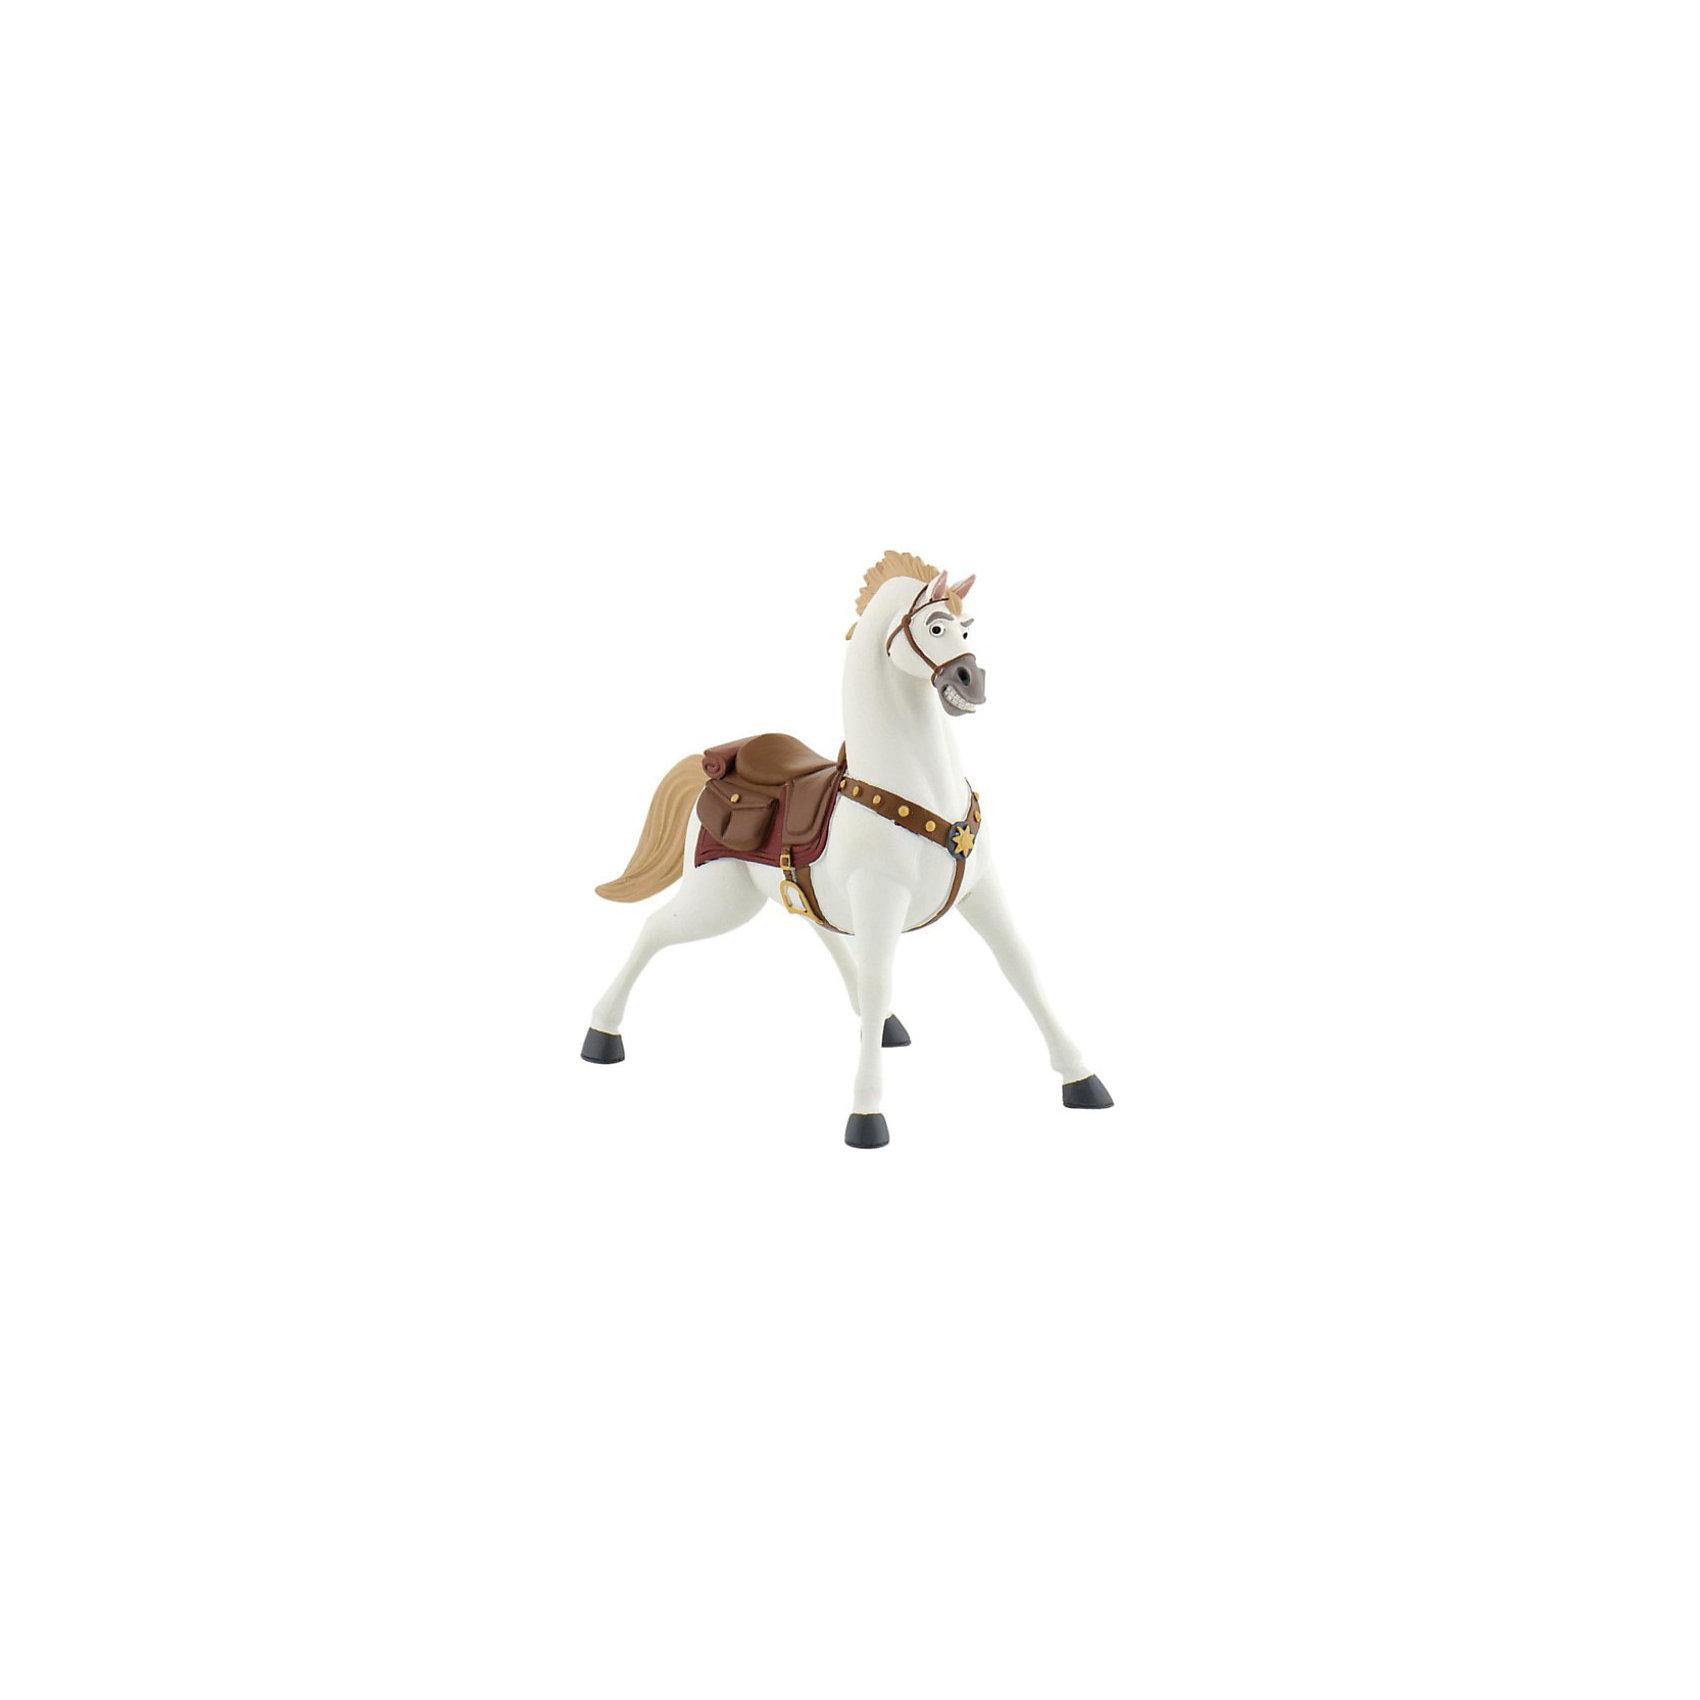 Фигурка Максимус,  DisneyЛюбимые герои<br>Фигурка коня Максимуса из мультфильма Уолта Диснея «Рапунцель». Конь королевской гвардии, храбрый и своенравный, стремительно идущий к своей цели. Повстречав Рапунцель, он был потрясен ее историей и стал ей другом. Именно Максимус, гениальный стратег и бесстрашный вояка, спас от гибели юную принцессу и ее спутника. Белоснежный красавец Максимус в сбруе и со звездой на мощной груди обязательно понравится детям. С фигуркой коня можно разыграть различные сюжеты из мультфильма, или придумать их самим. Игрушка выполнена из высококачественных нетоксичных материалов, безопасна для детей. <br><br>Дополнительная информация:<br><br>Размер:9,5см <br>Материал: термопластичный каучук высокого качества. <br> <br>Фигурку Максимус,  Disney можно купить в нашем магазине.<br><br>Ширина мм: 123<br>Глубина мм: 109<br>Высота мм: 48<br>Вес г: 62<br>Возраст от месяцев: 36<br>Возраст до месяцев: 96<br>Пол: Женский<br>Возраст: Детский<br>SKU: 2552950